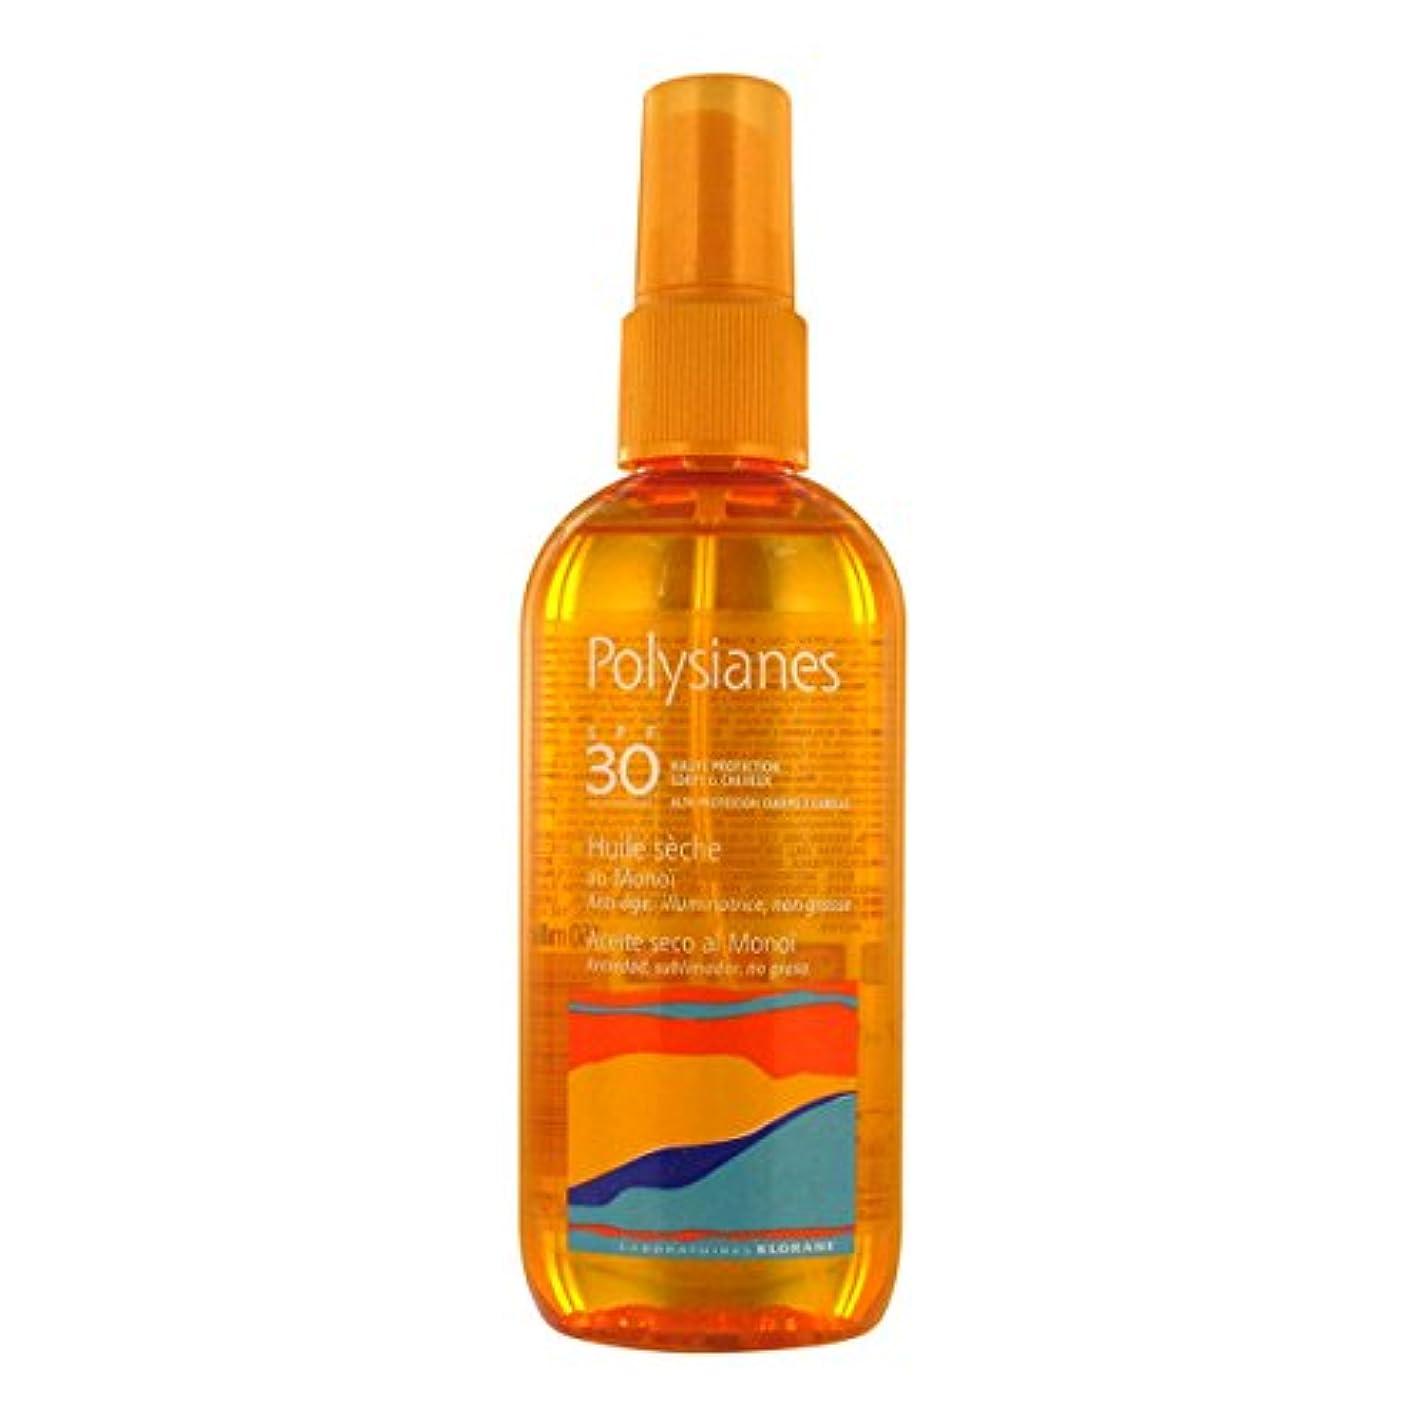 二度シロクマ出席するPolysianes Dry Oil With Mono Spf30 150ml [並行輸入品]